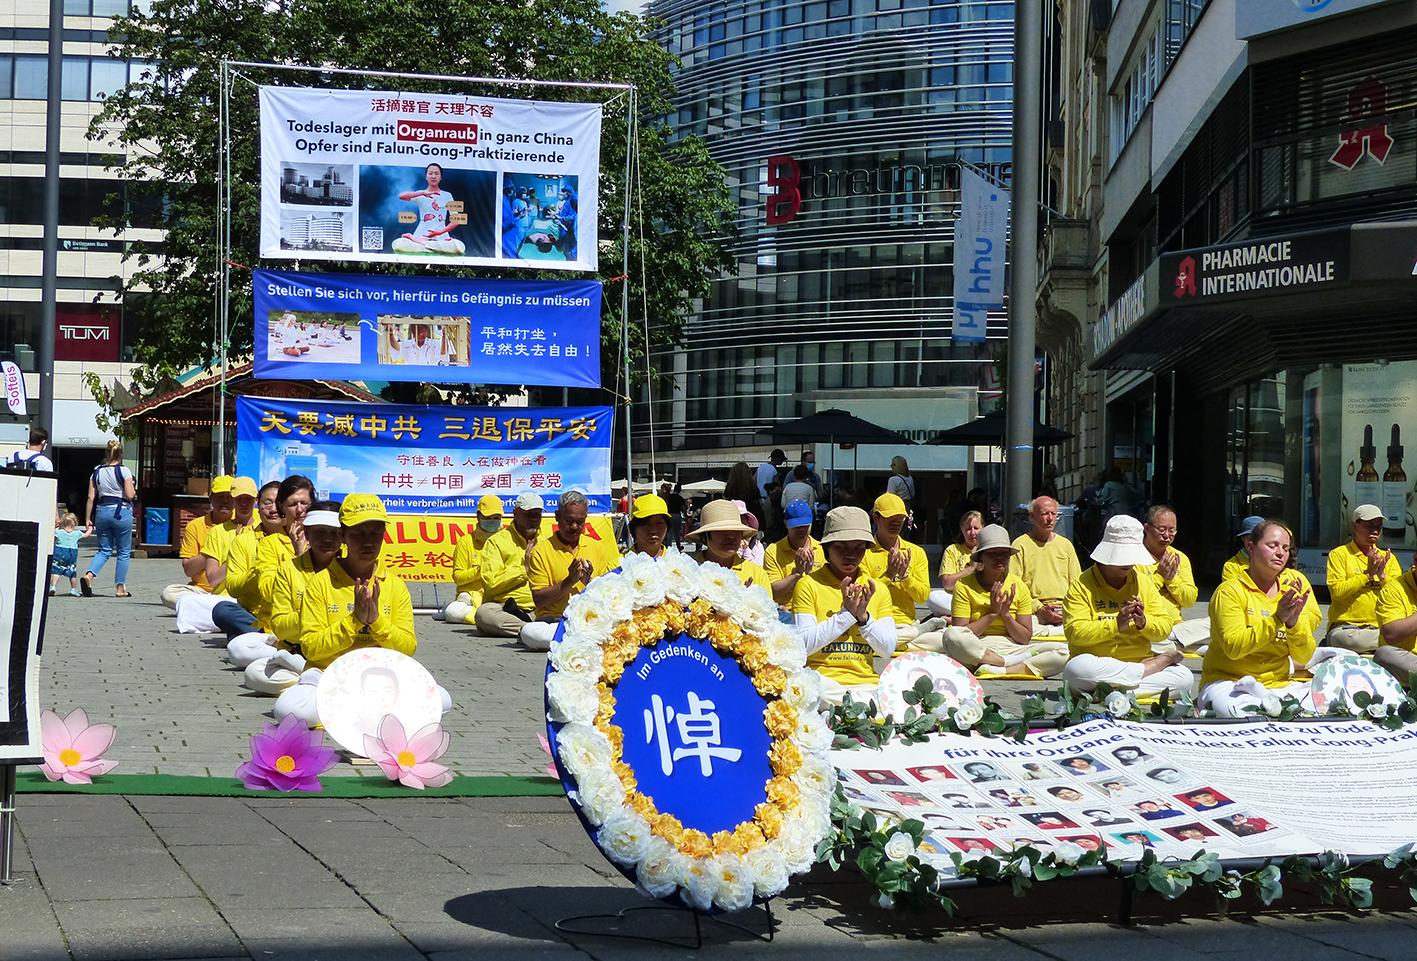 2020年7月18日,德國部份法輪功學員在杜塞爾多夫舉行活動,抗議中共對法輪功學員的迫害持續21年,有州議會議員到場發言。(莫凌、Anh Hoang/大紀元)